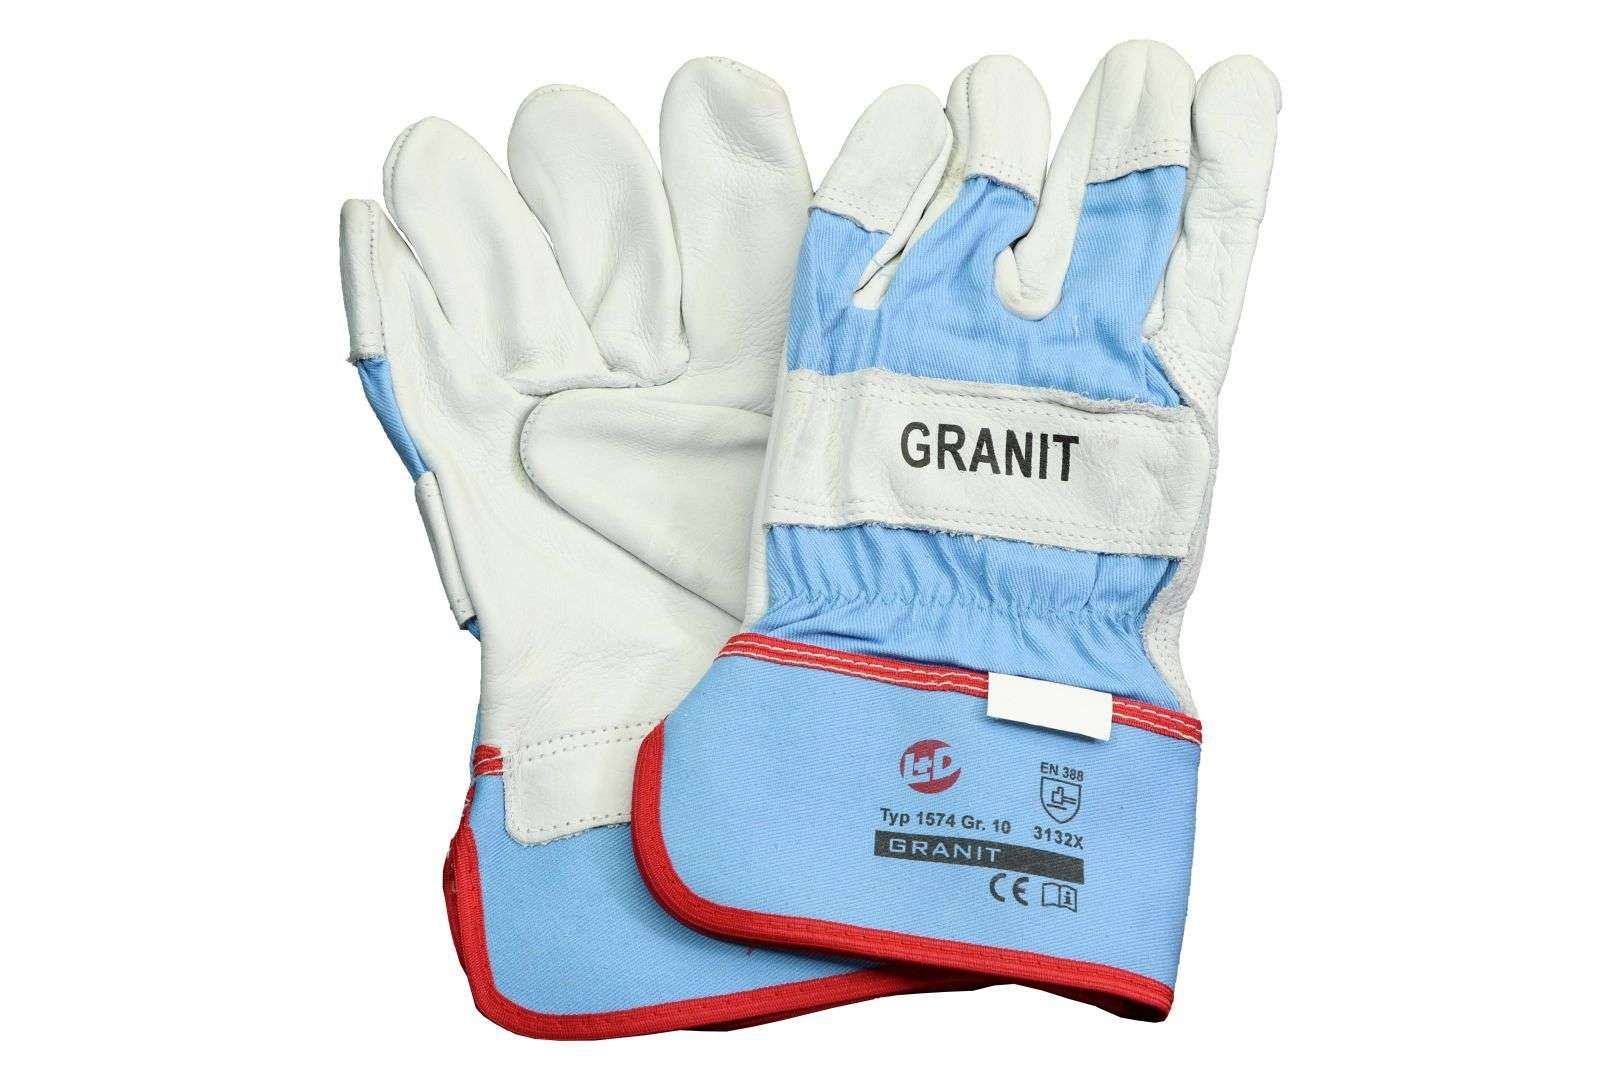 L+D Granit Rindnarbenleder-Handschuh, EN 388:2016, Größe 10, 12 Paar